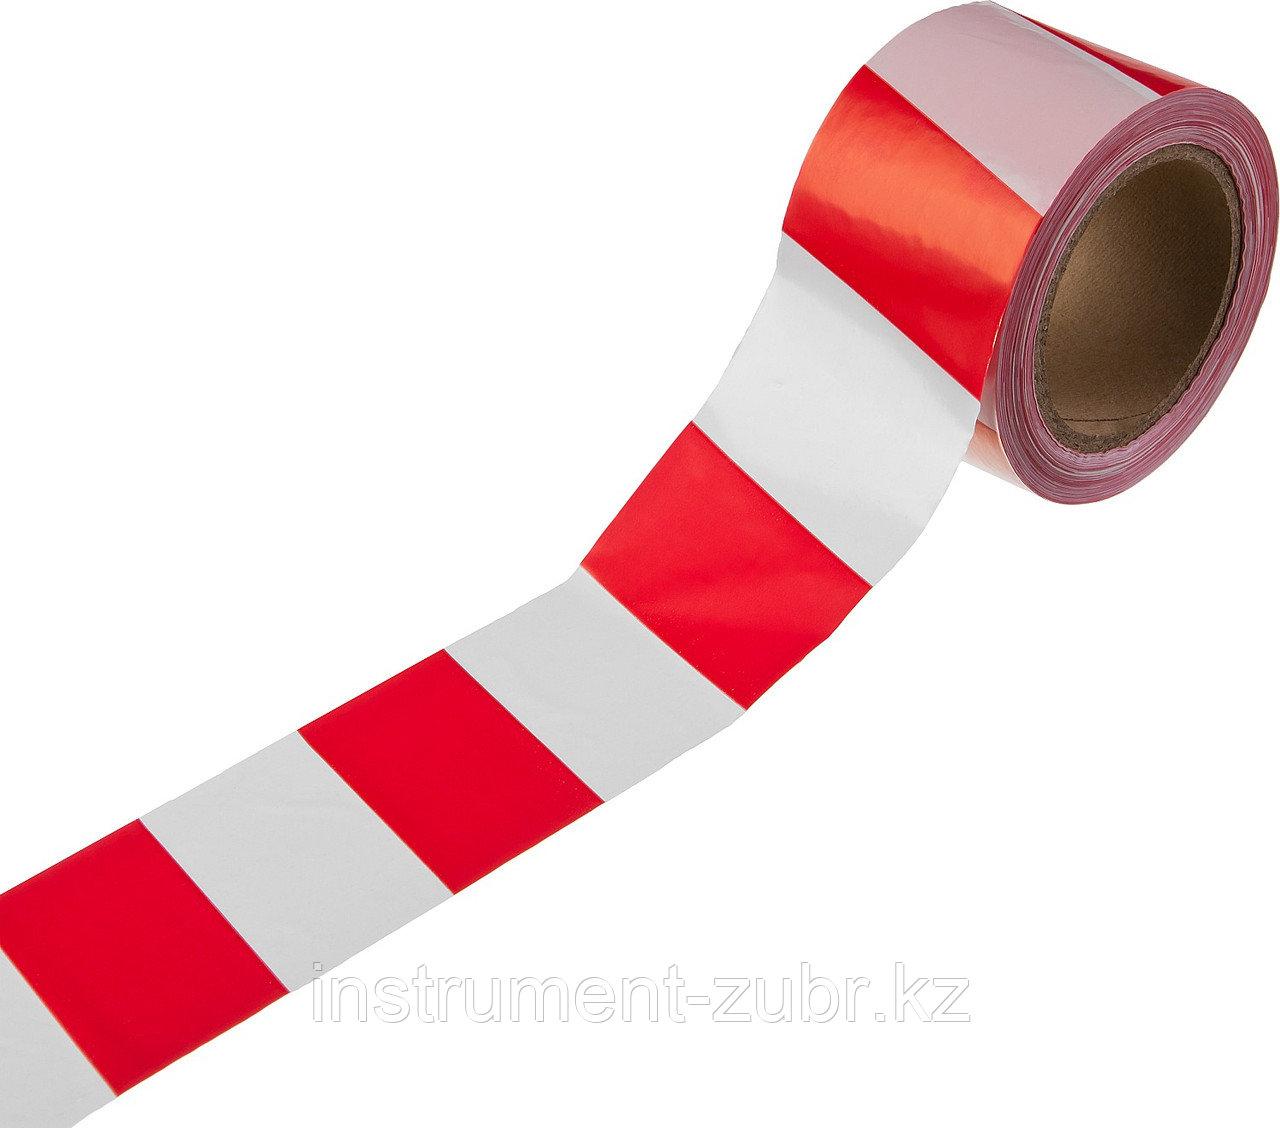 Сигнальная лента, цвет красно-белый, 75мм х 150м, STAYER Master